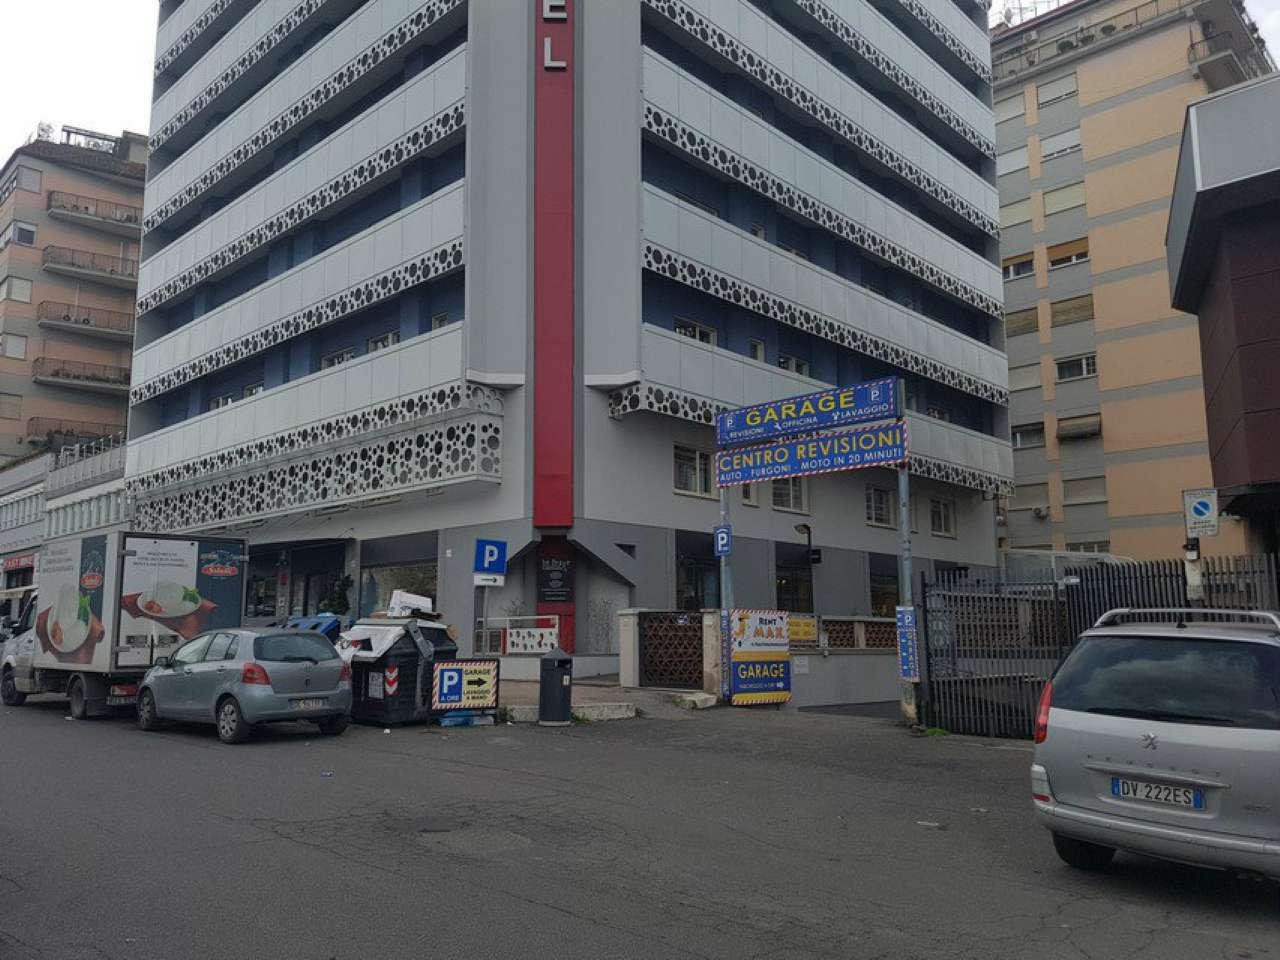 Locale commerciale via cristoforo colombo roma annunci for Locale commerciale a roma